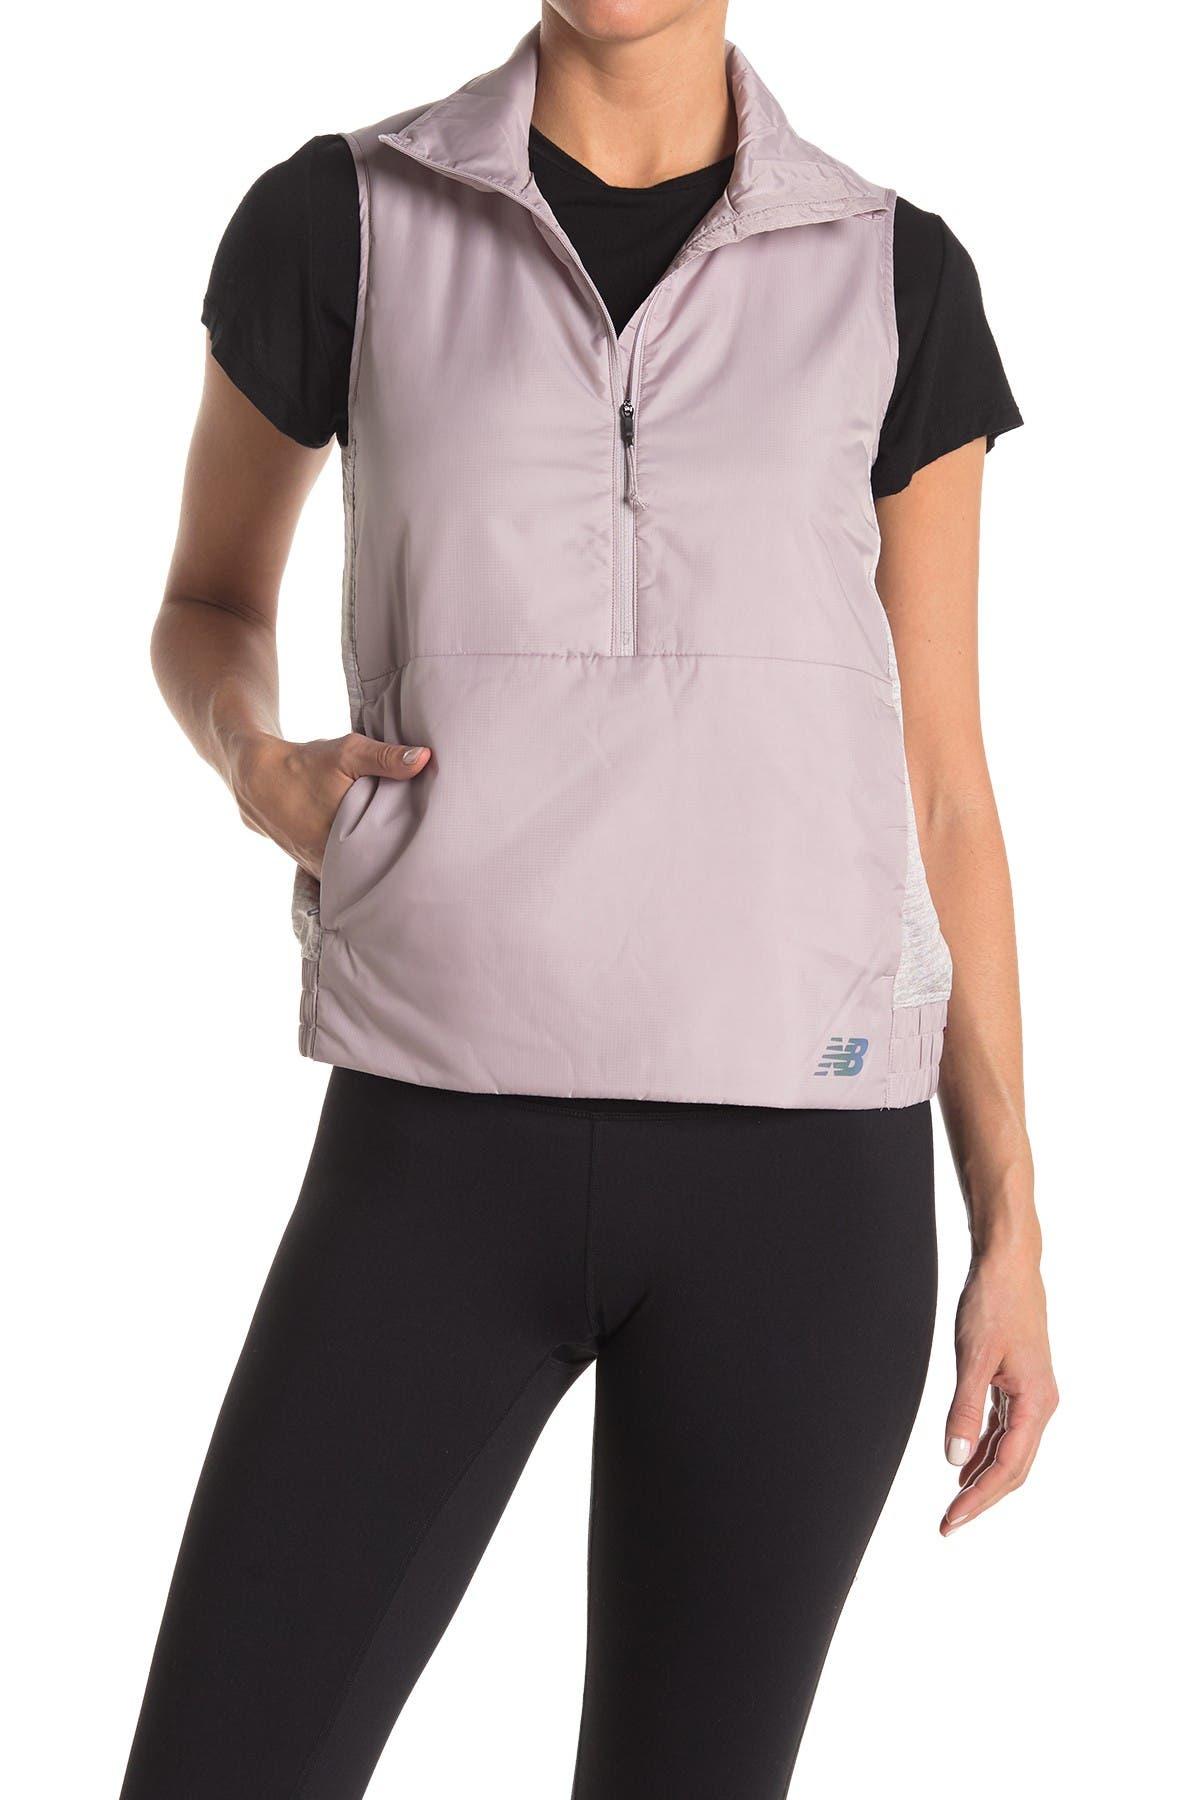 Image of New Balance Heatgrid Vest